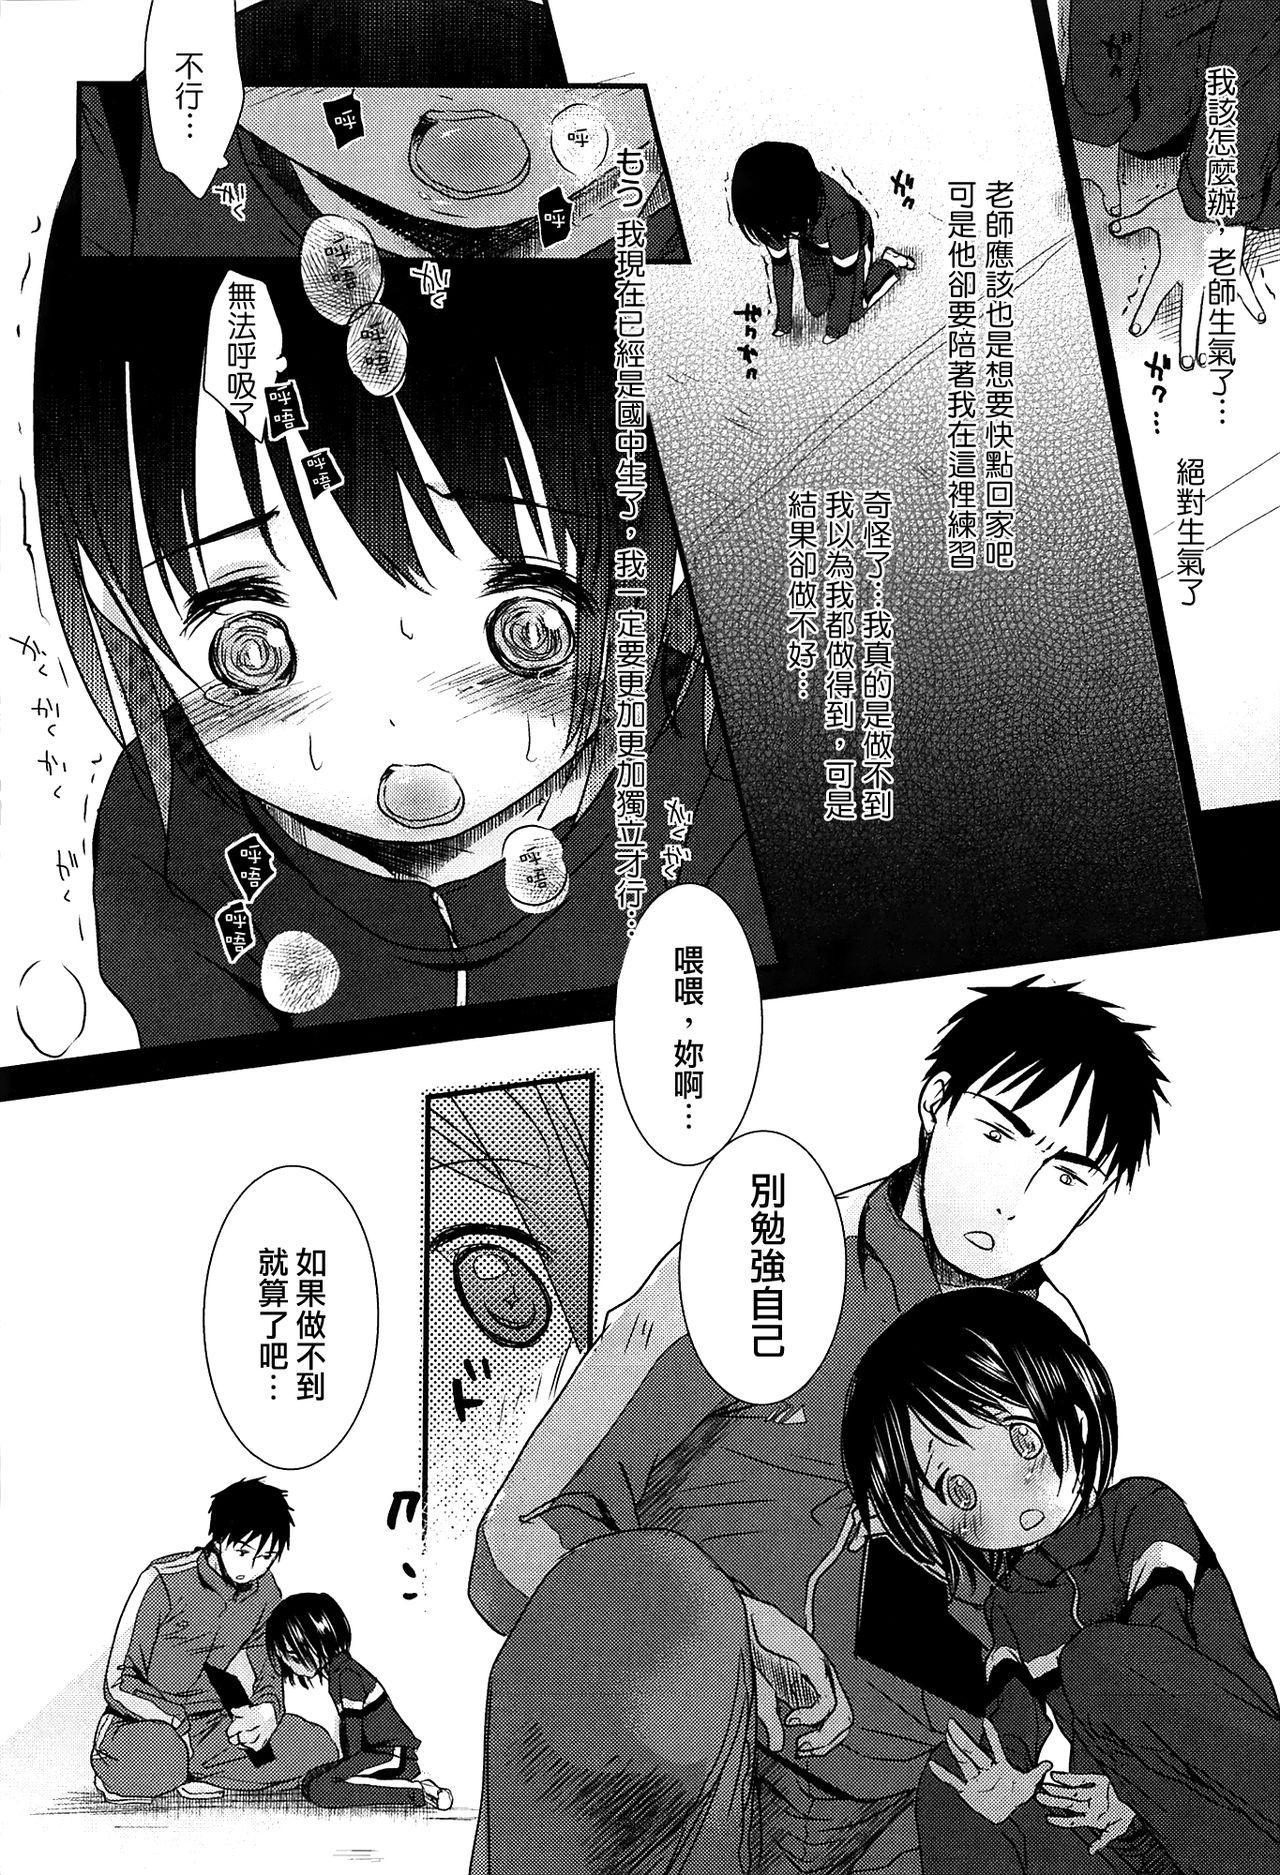 Sensei to, Watashi to. Jou 191